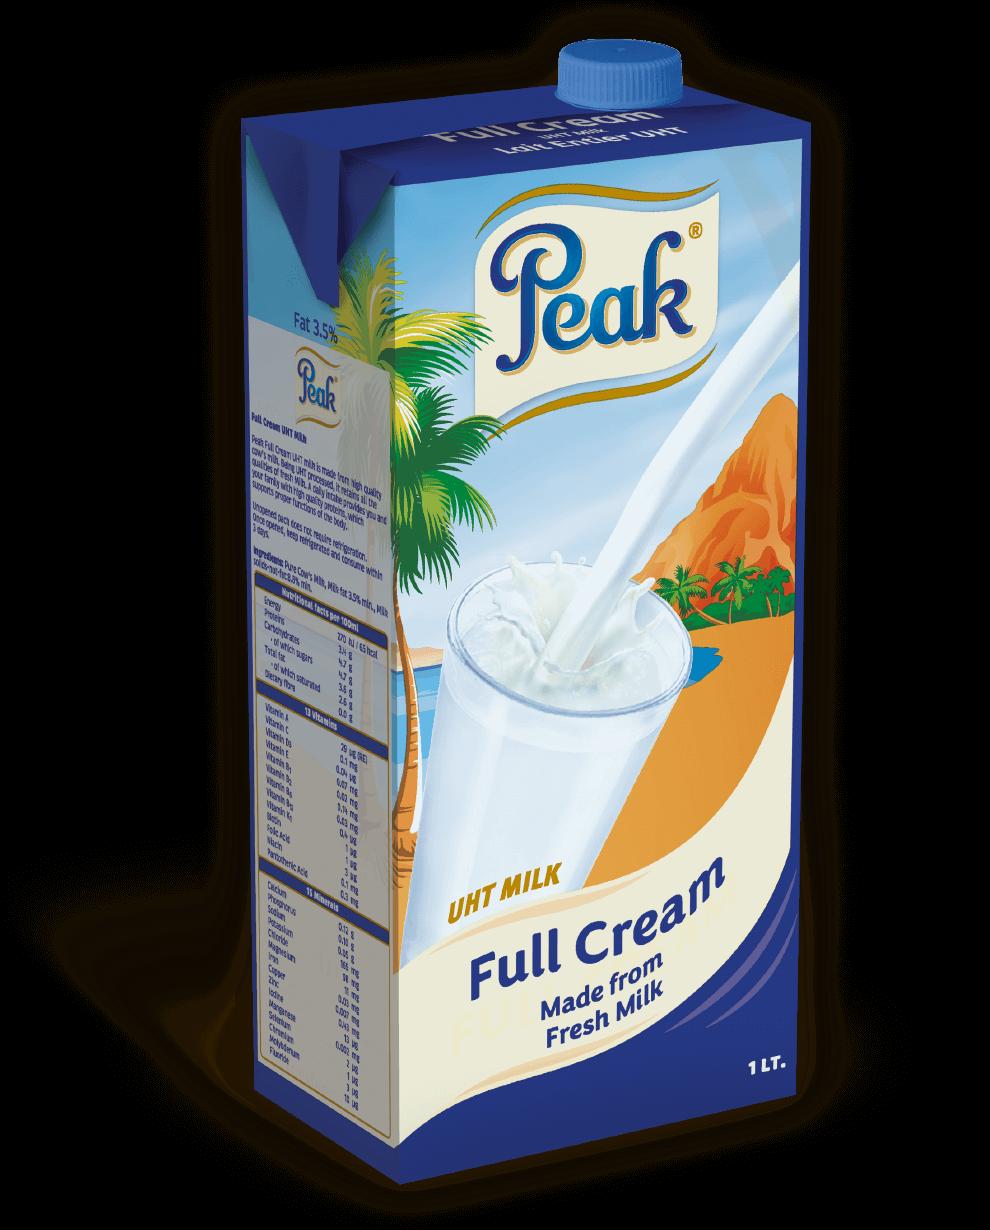 Peak UHT Milk Full Cream